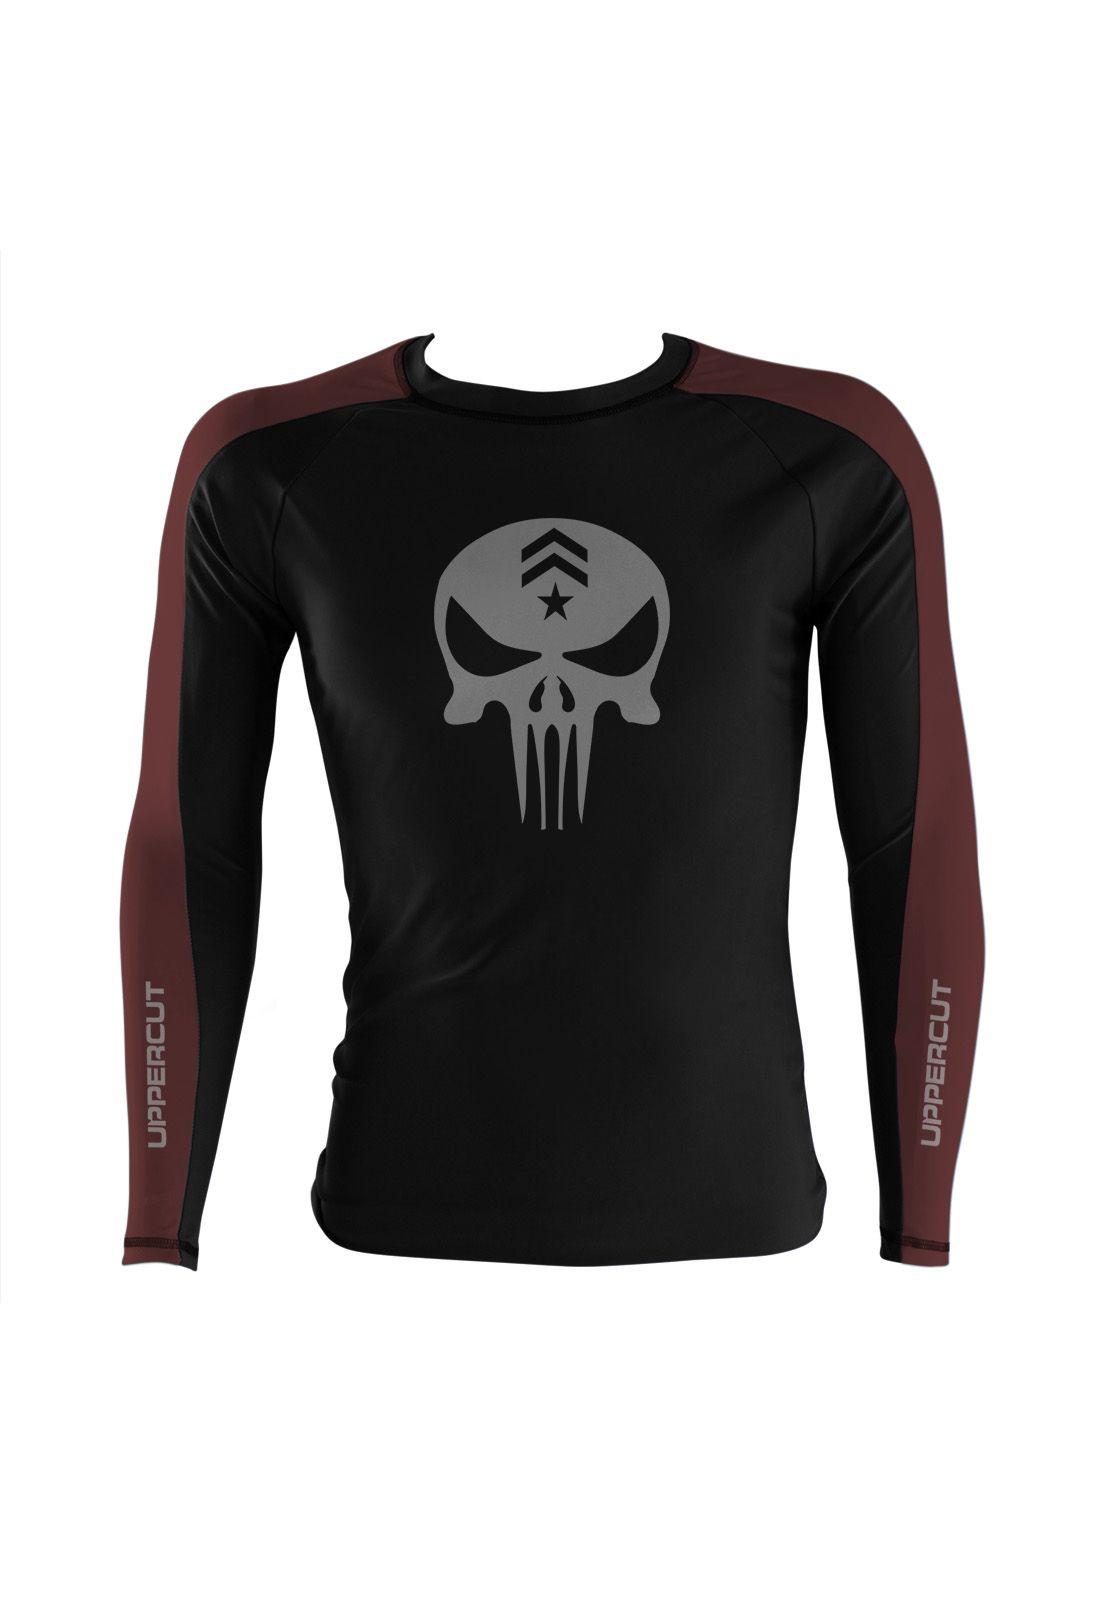 Camisa Rash Guard Justiceiro War R-4 - Preto/Marron - Uppercut